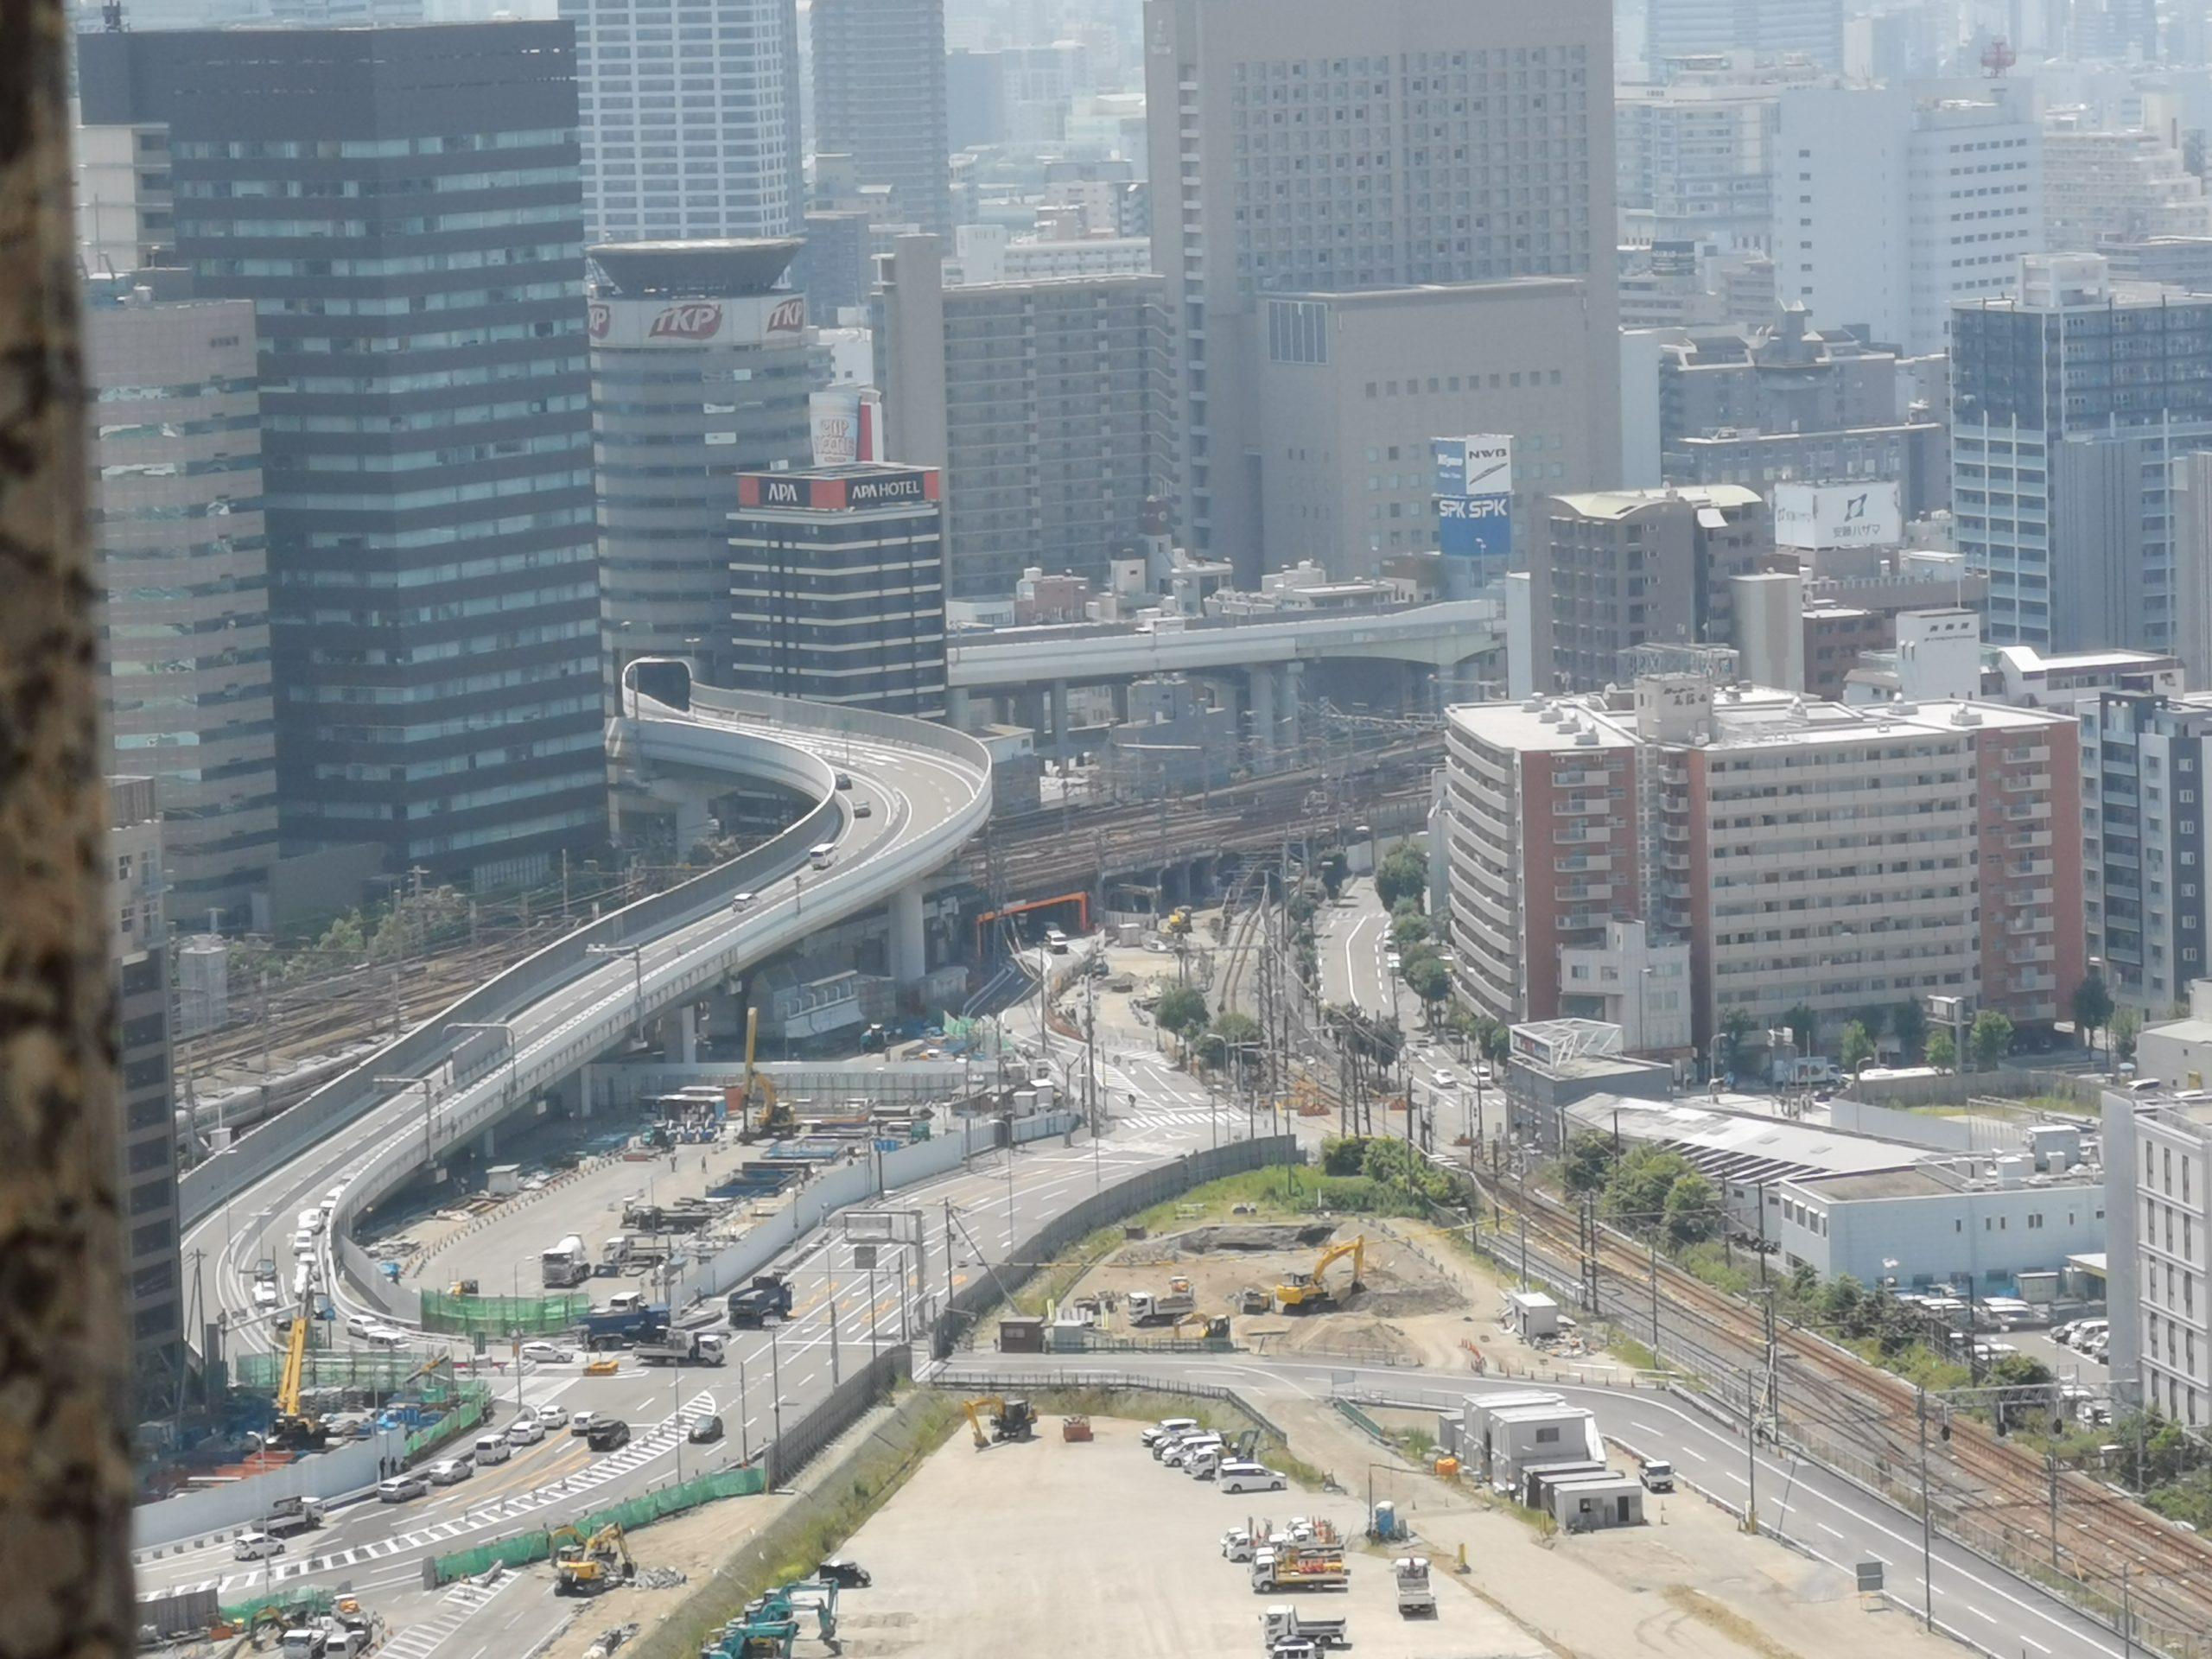 なにわ筋線 大阪(うめきた)駅と旧梅田貨物駅・東海道貨物支線(梅田貨物線)が2023年春に地下化される前に見てきた